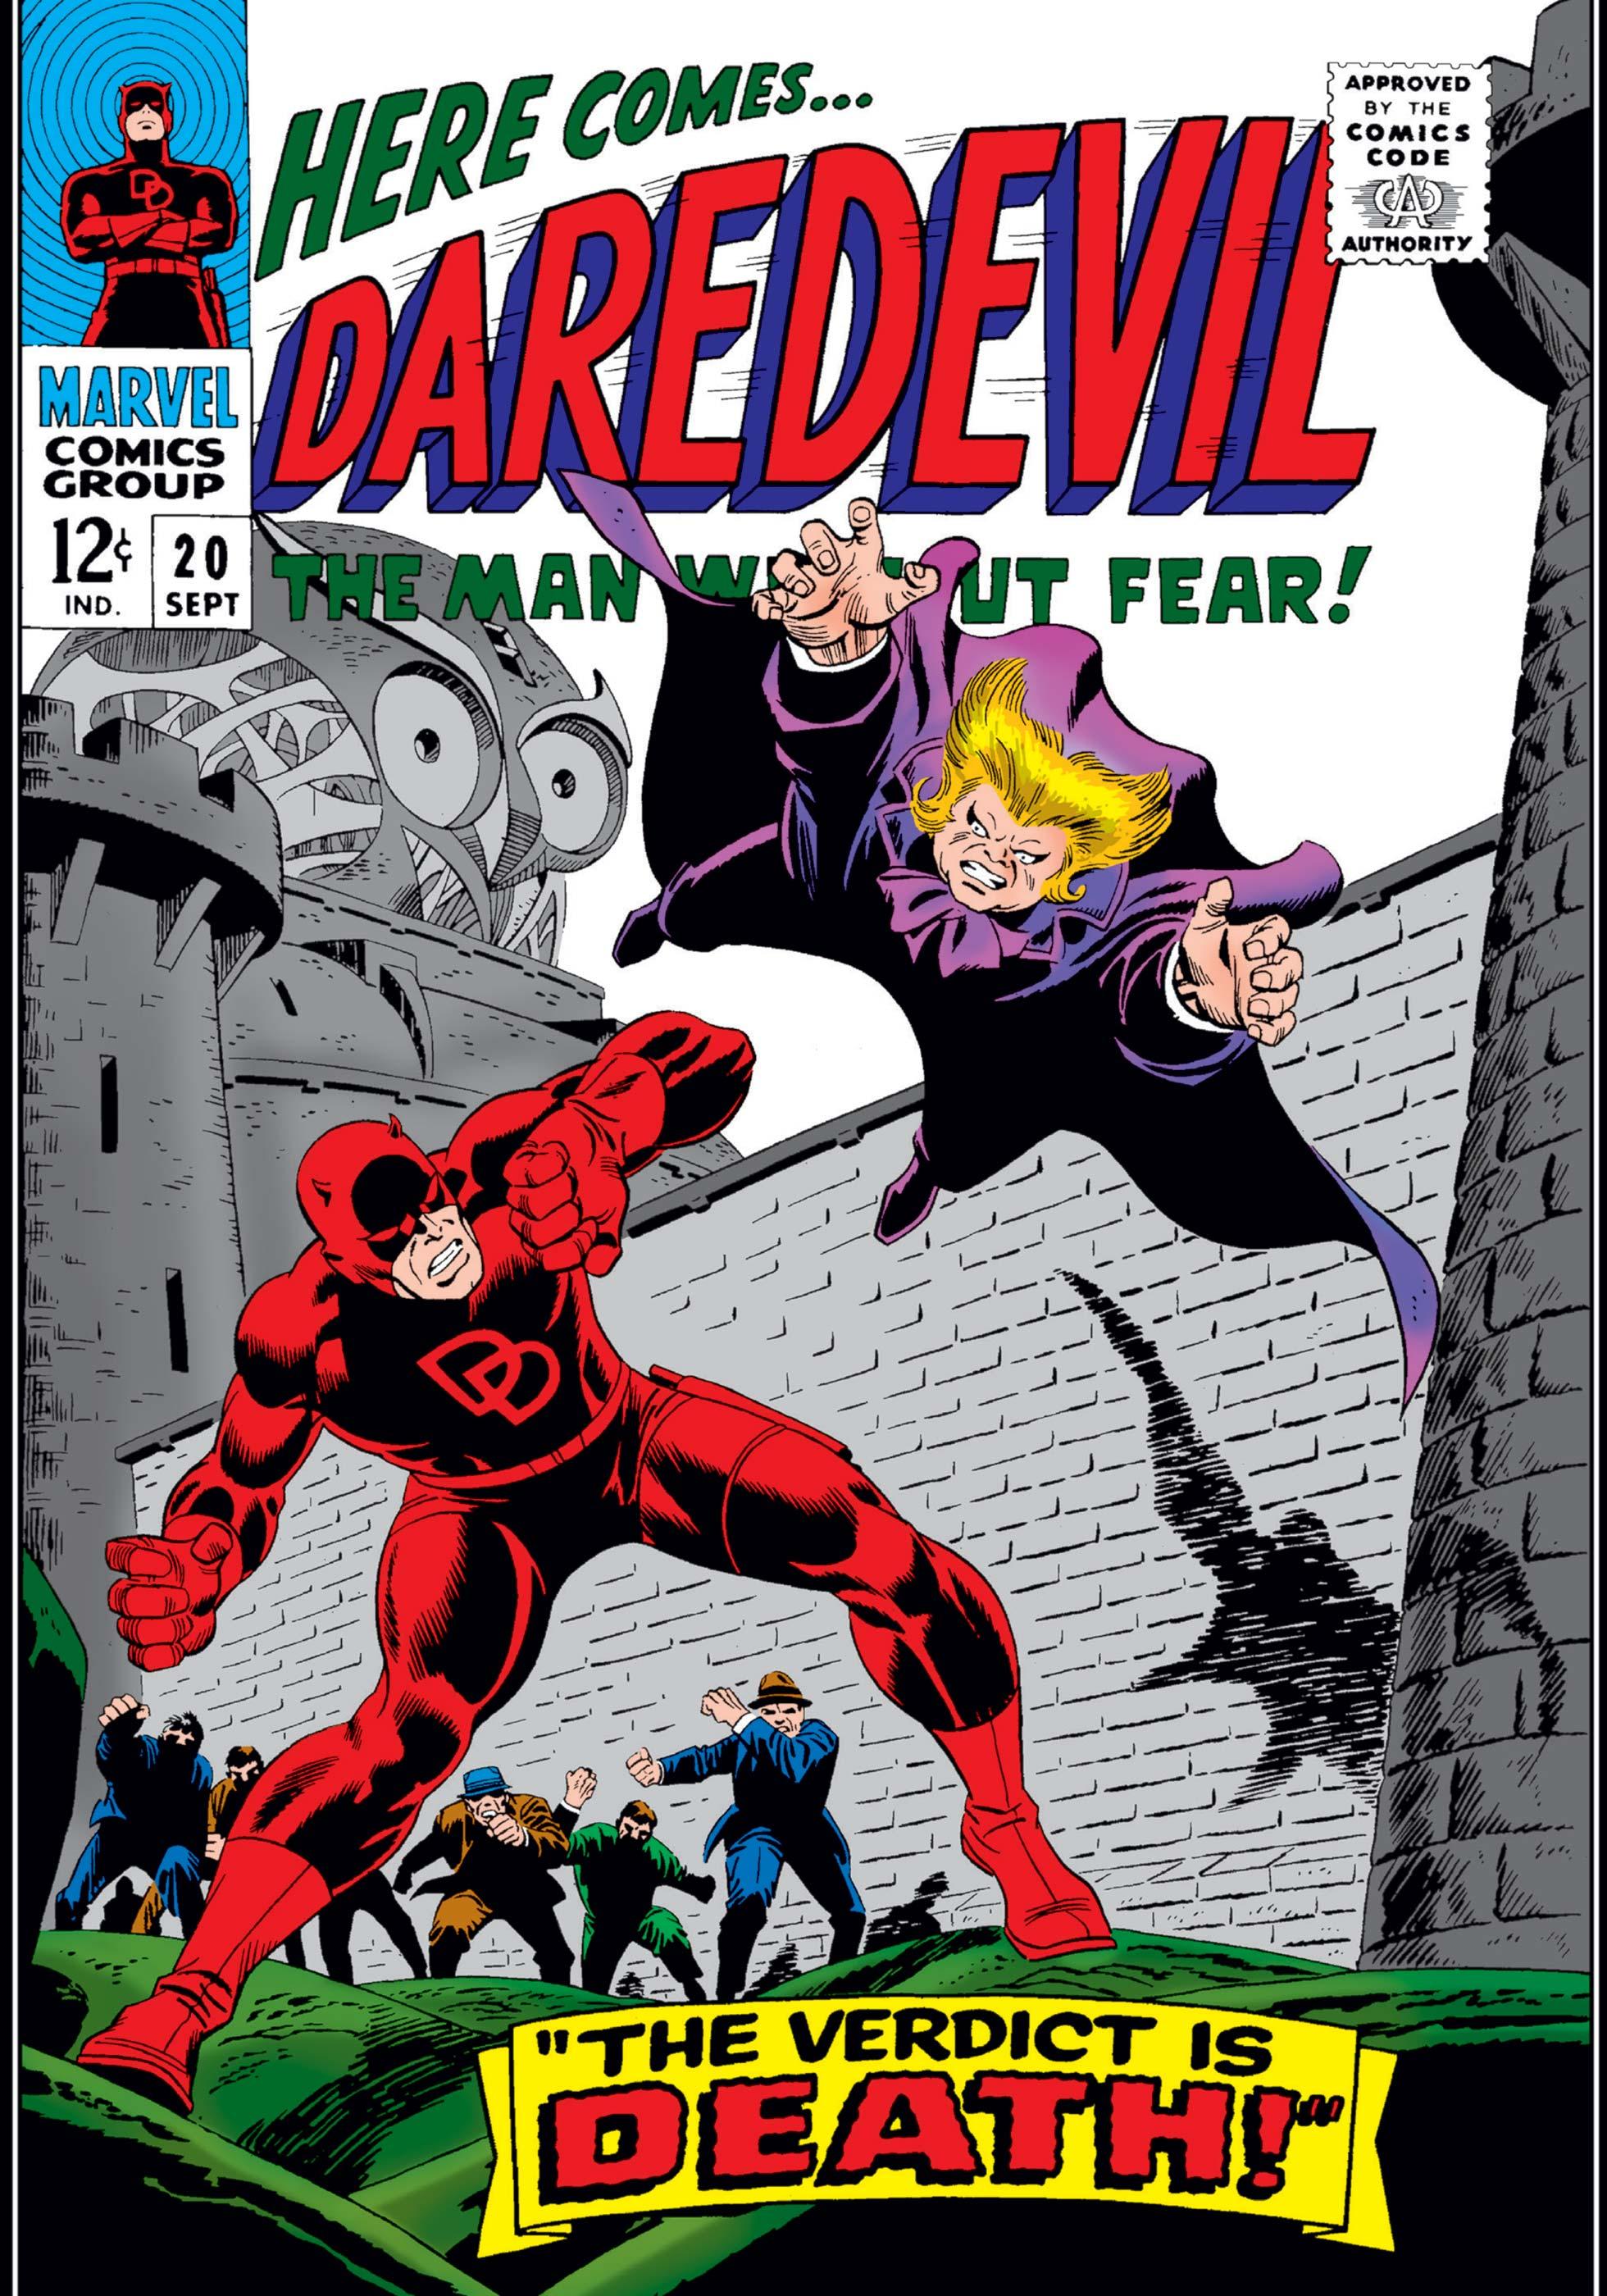 Daredevil (1964) #20